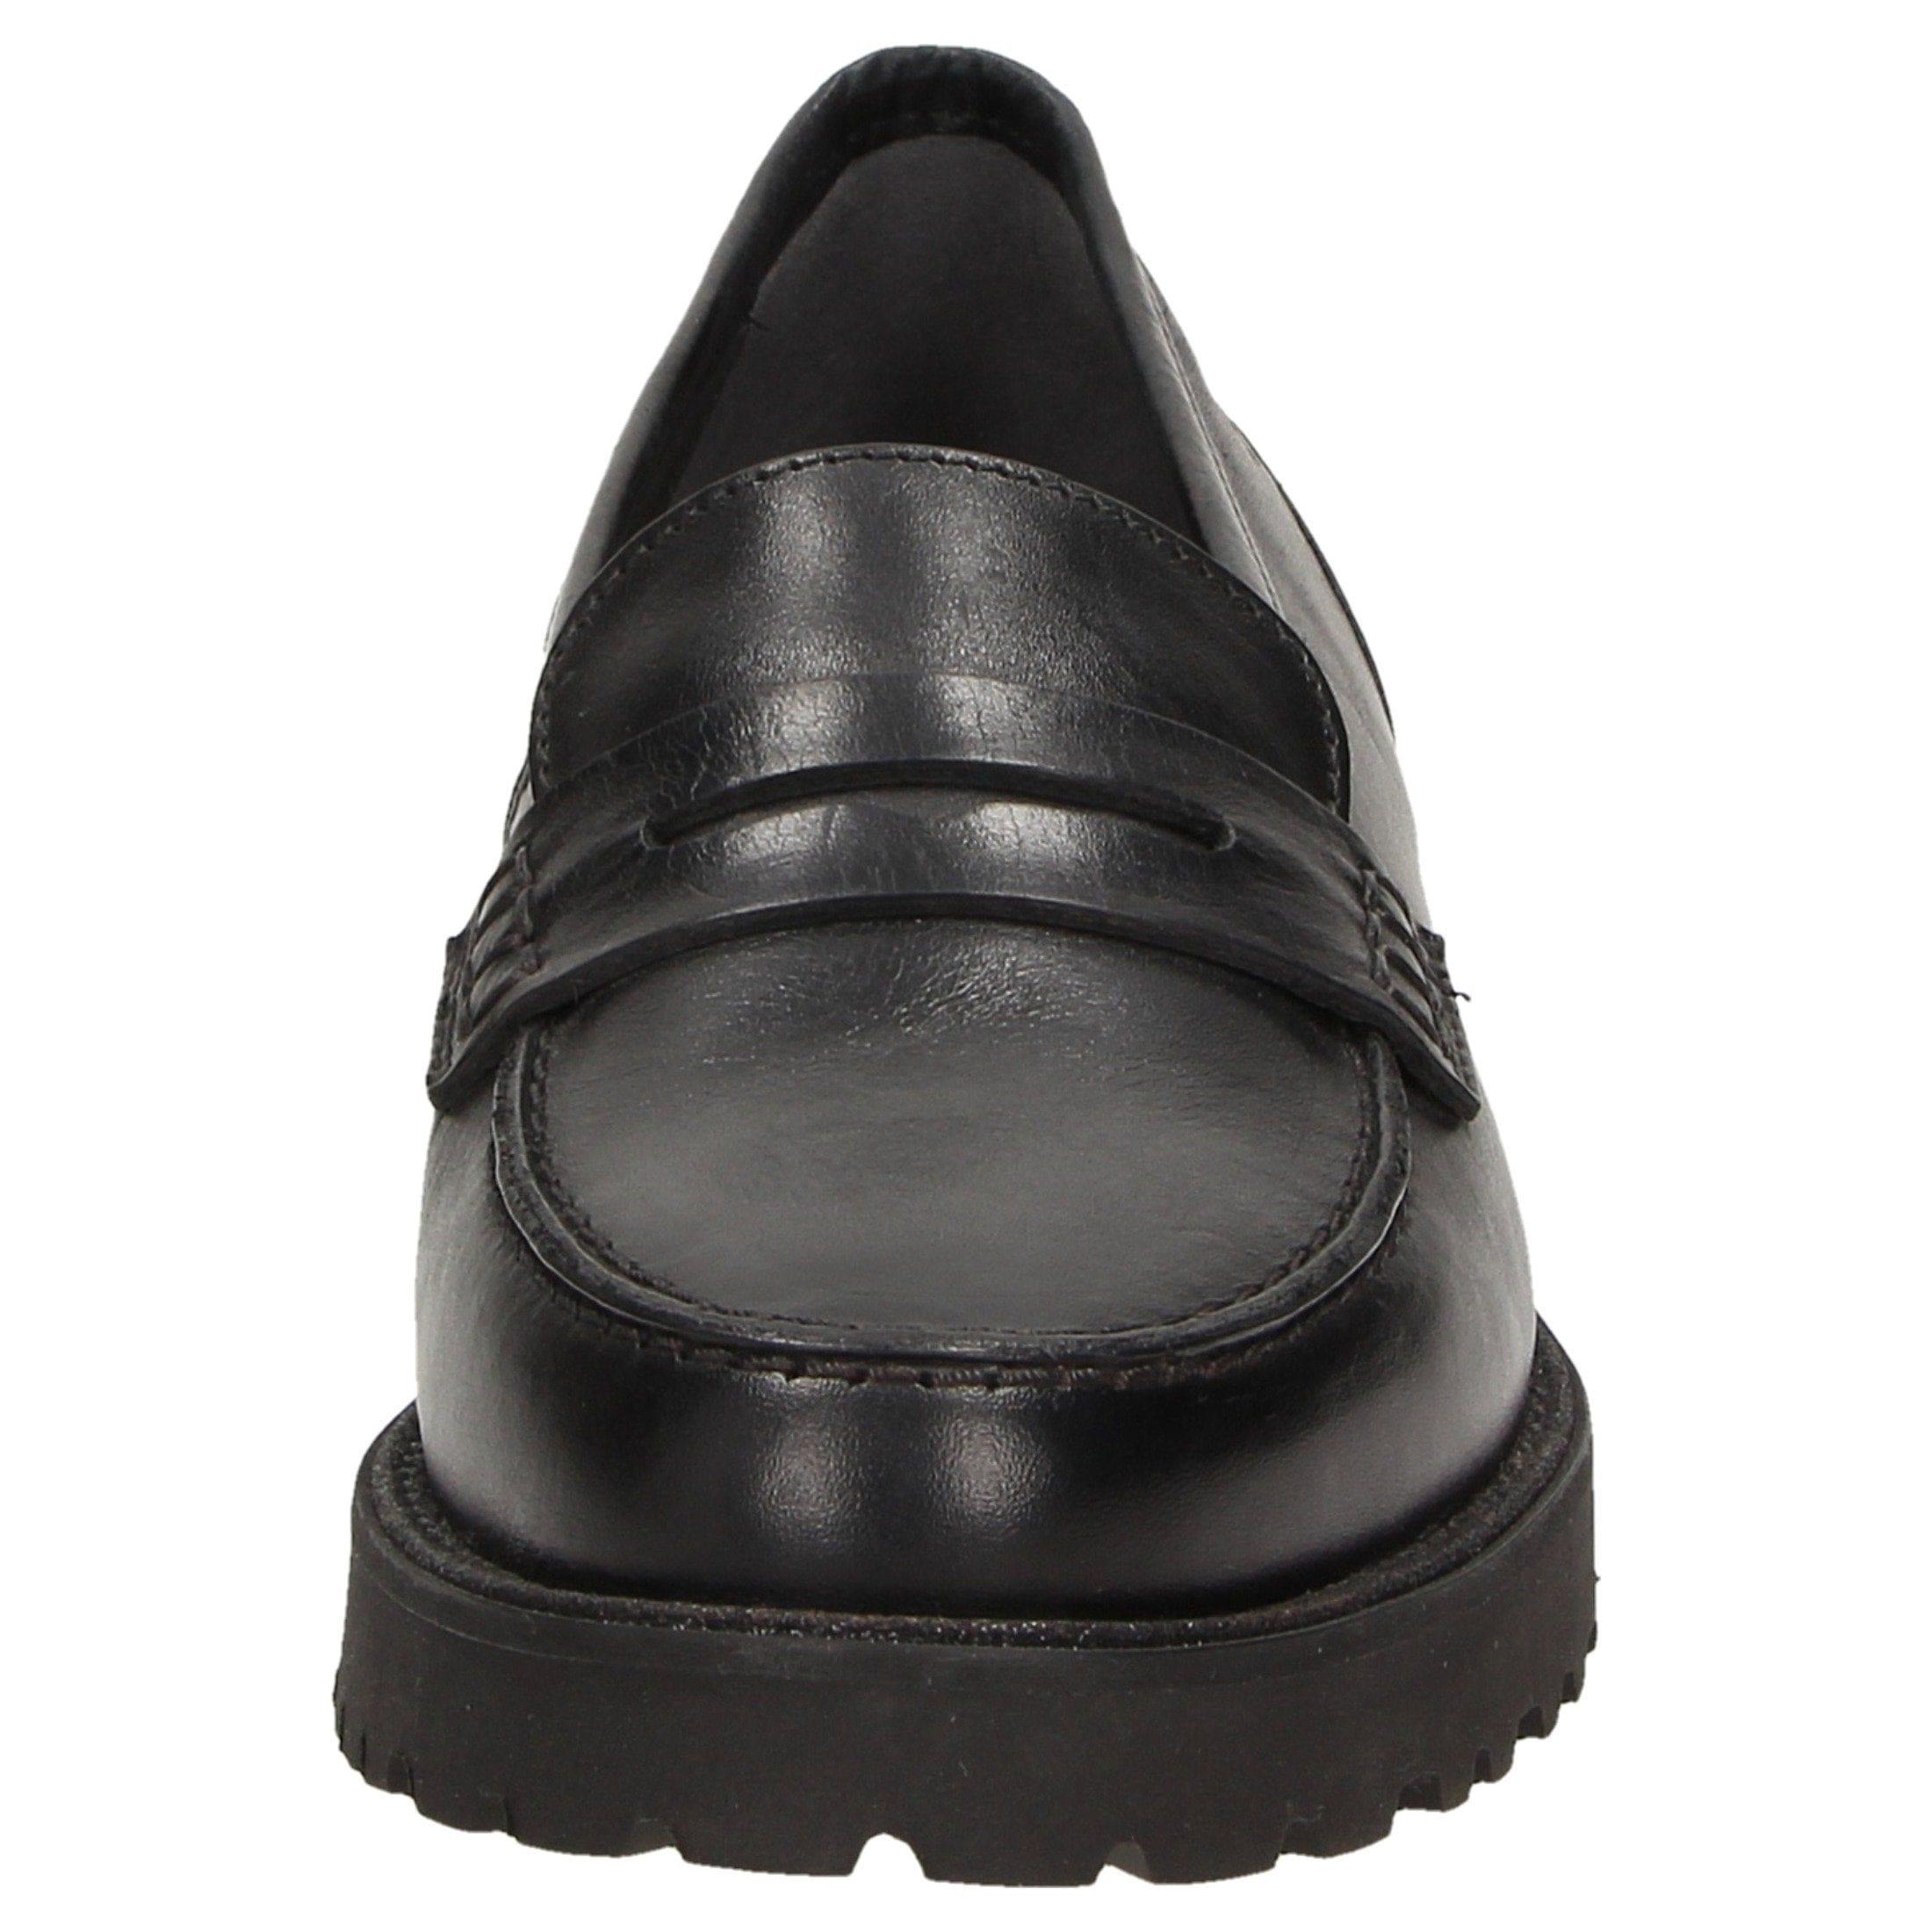 SIOUX kaufen Slipper »Velisca-705«  online kaufen SIOUX | Gutes Preis-Leistungs-Verhältnis, es lohnt sich 917079